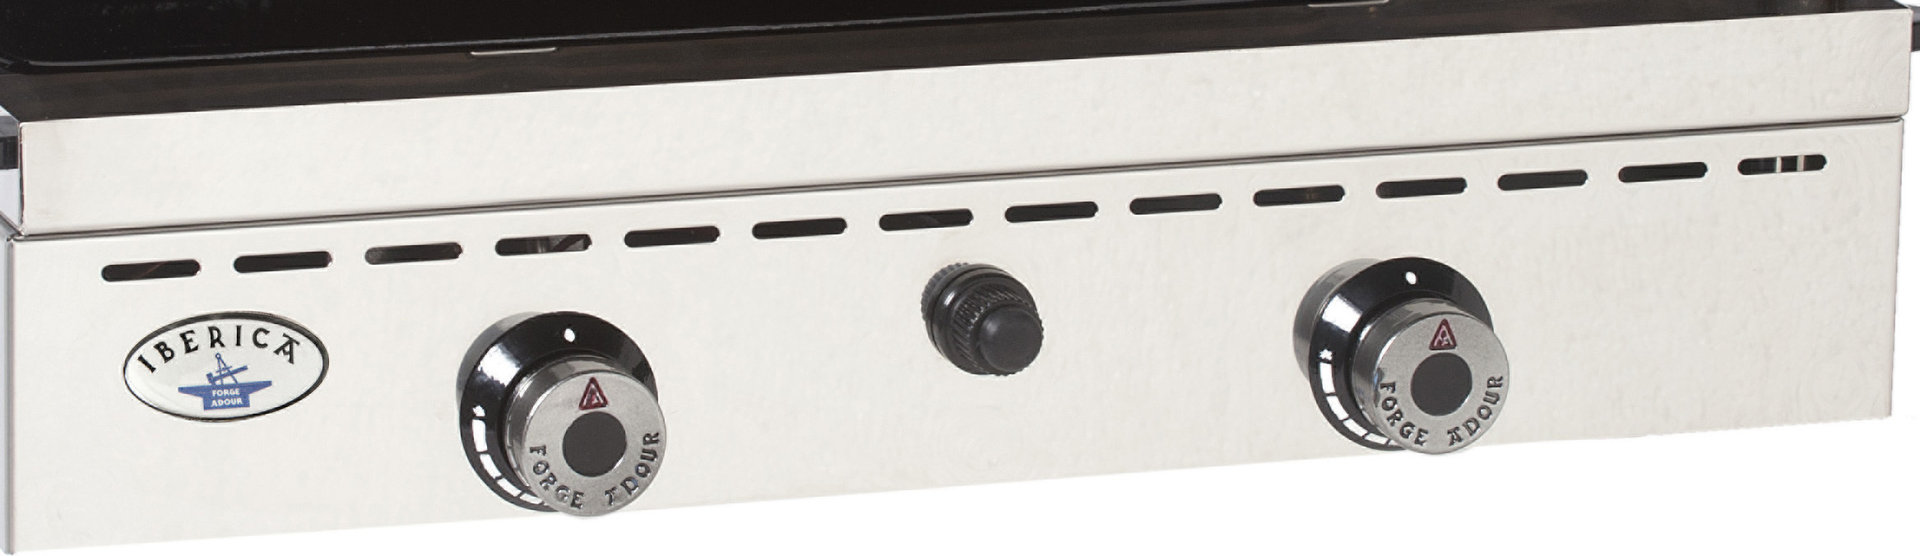 plancha de gas ib rica 600 inox planchas de gas de forge adour. Black Bedroom Furniture Sets. Home Design Ideas